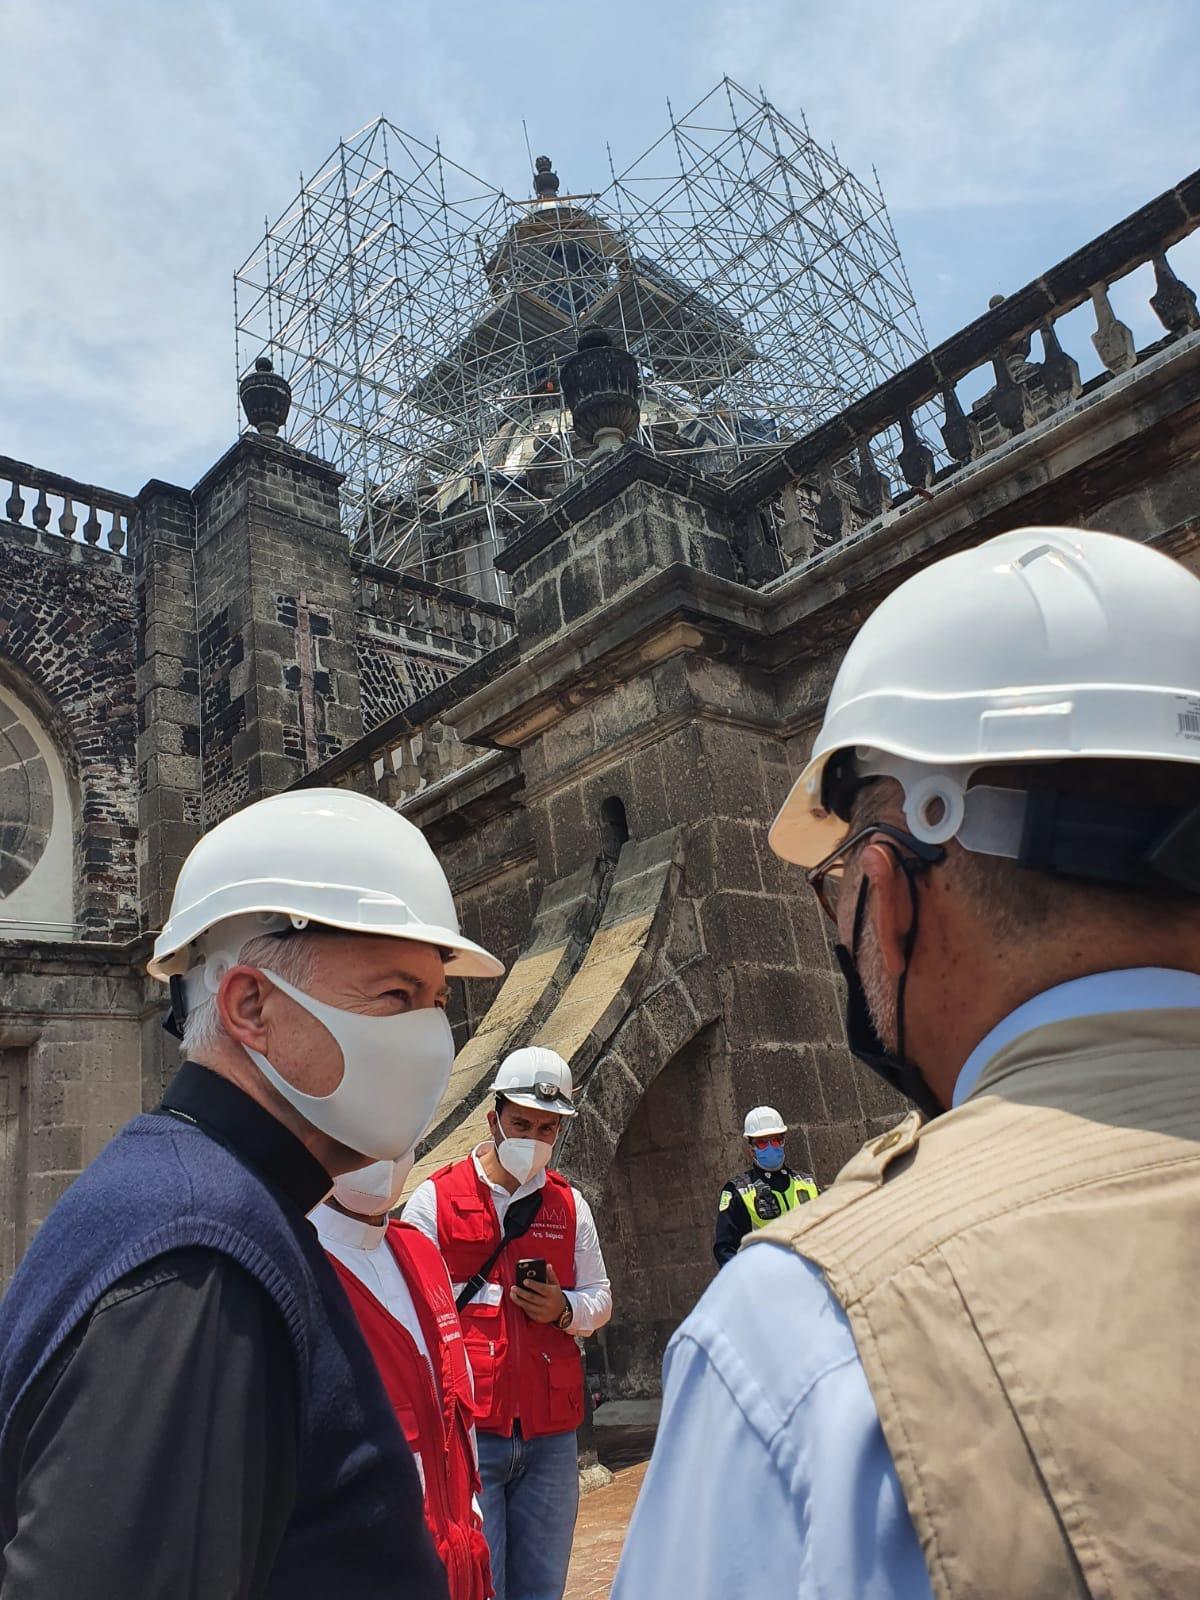 La Catedral Metropolitana necesitaba una intervención urgente debido al desgaste de sus instalaciones, la cual sirve para prevenir desastres. Foto: Ricardo Sánchez/ Desde la fe.